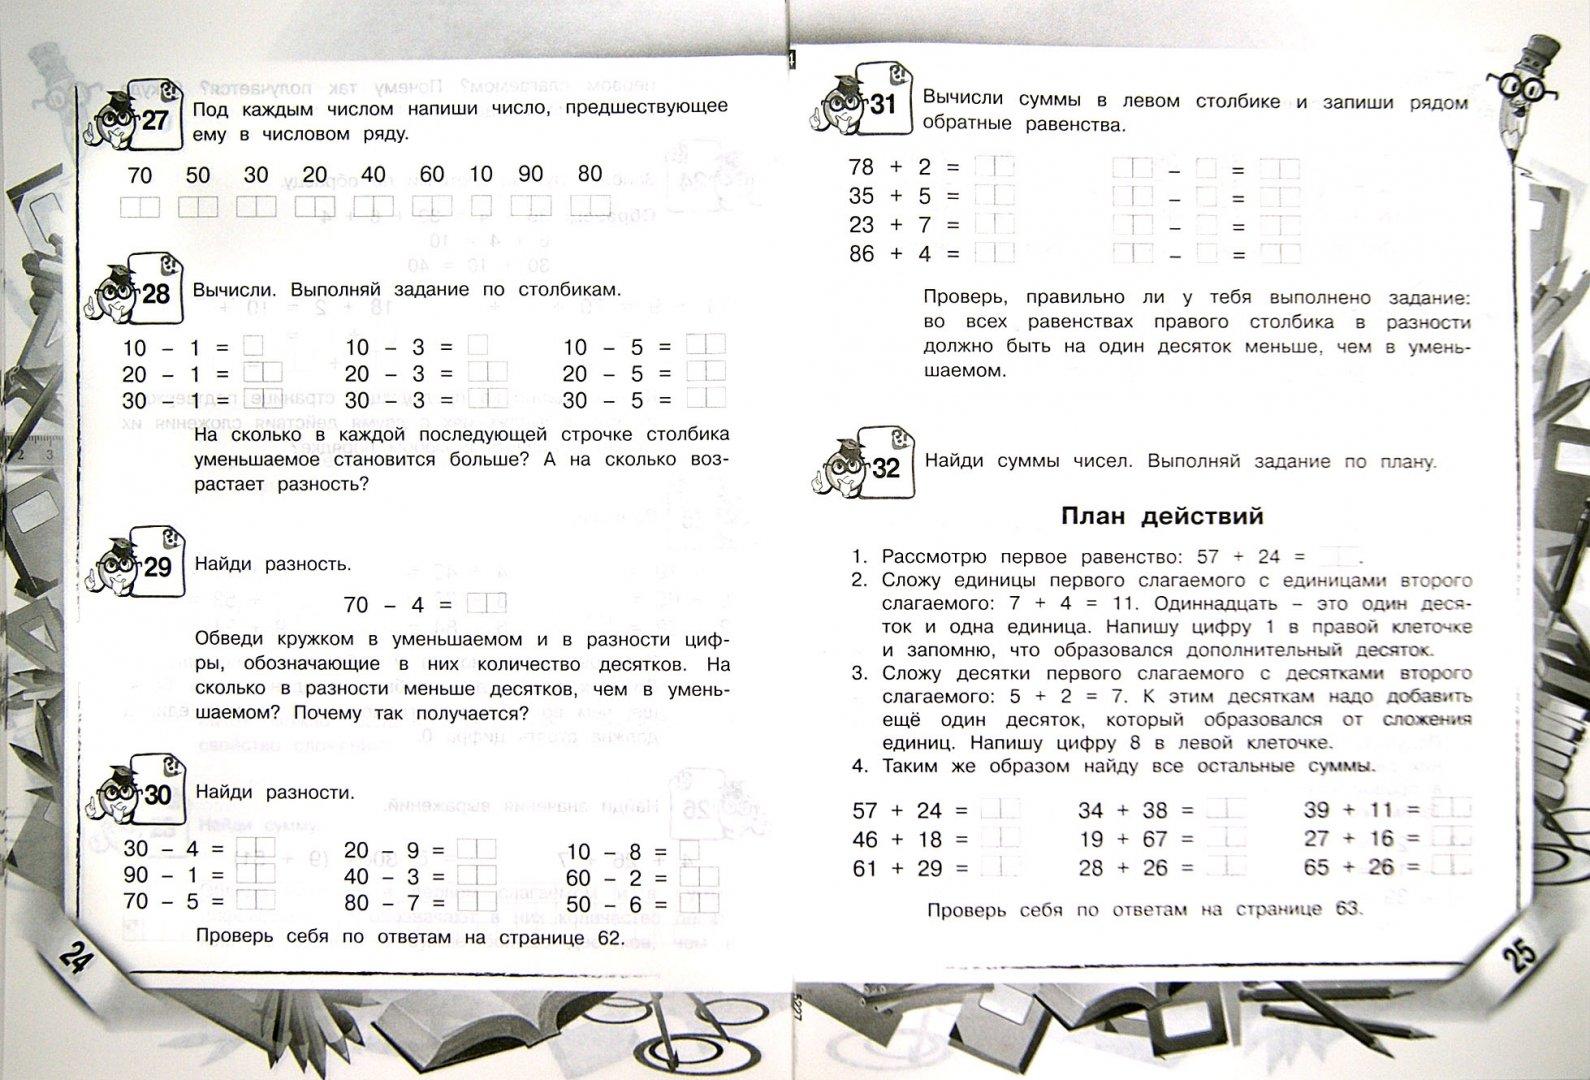 Иллюстрация 1 из 18 для Математика. 2 класс. Закрепляем трудные темы. ФГОС - Владимир Занков | Лабиринт - книги. Источник: Лабиринт